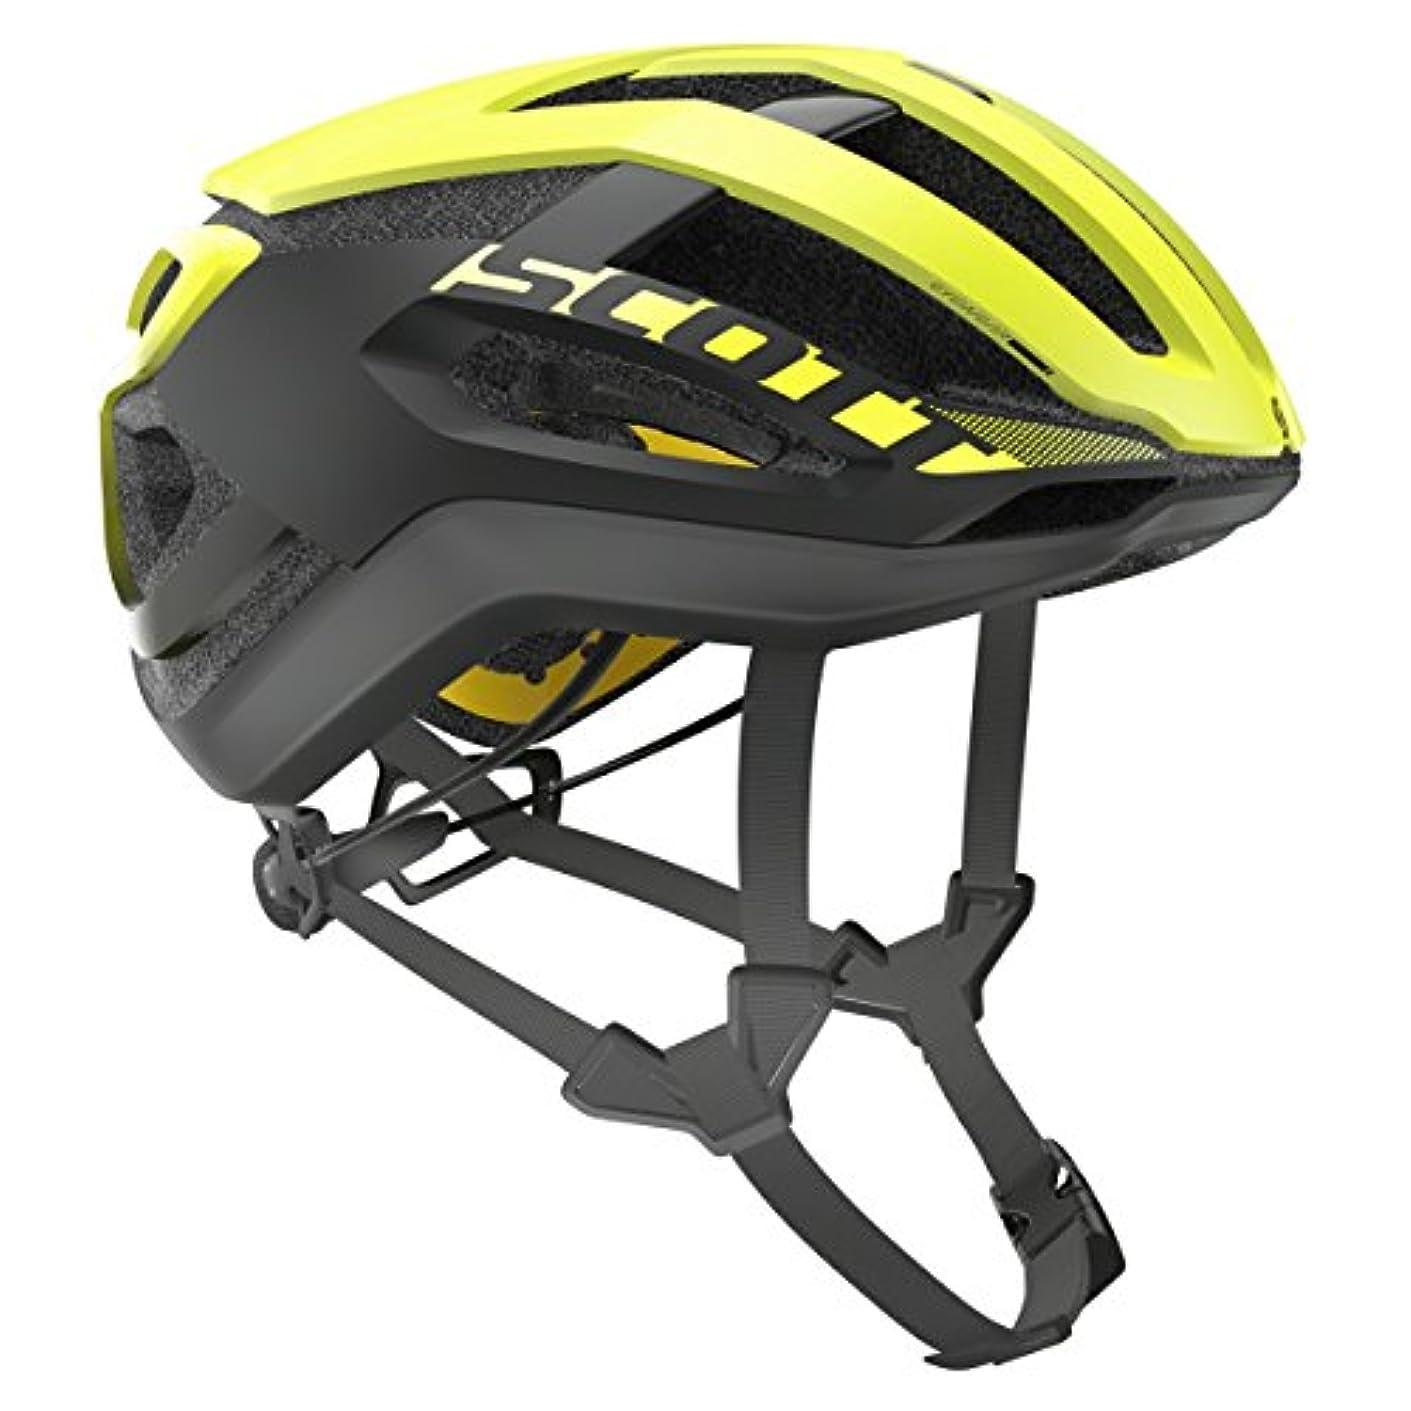 クリームめったにあまりにもSCOTT(スコット) ヘルメット Helmet Centric PLUS yellow RC L 2500235859008 イエローRC L